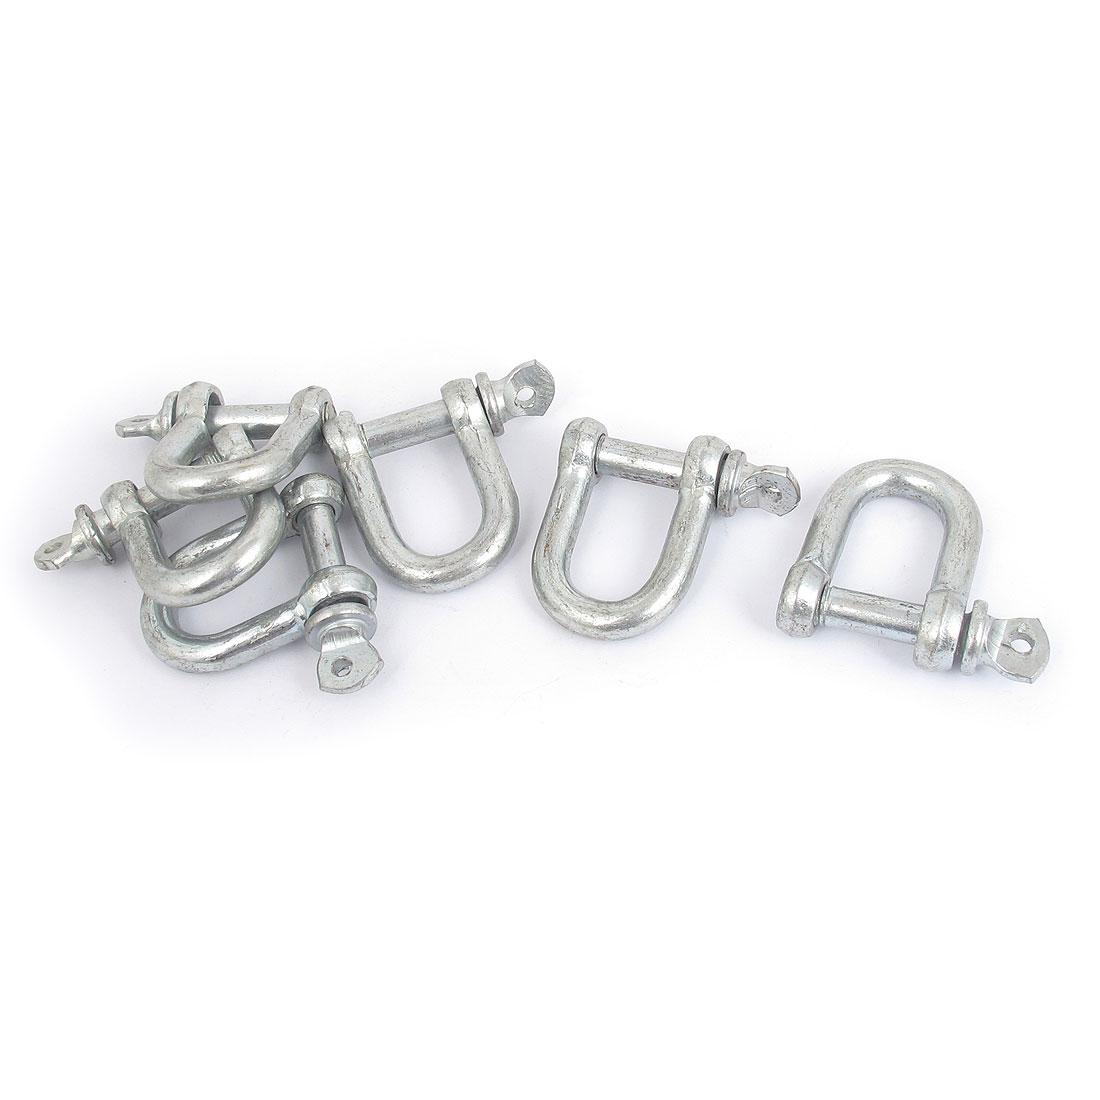 40mm x 34mm x 6mm Metal D Shackle U Lock Wire Rope Fastener 6 Pcs